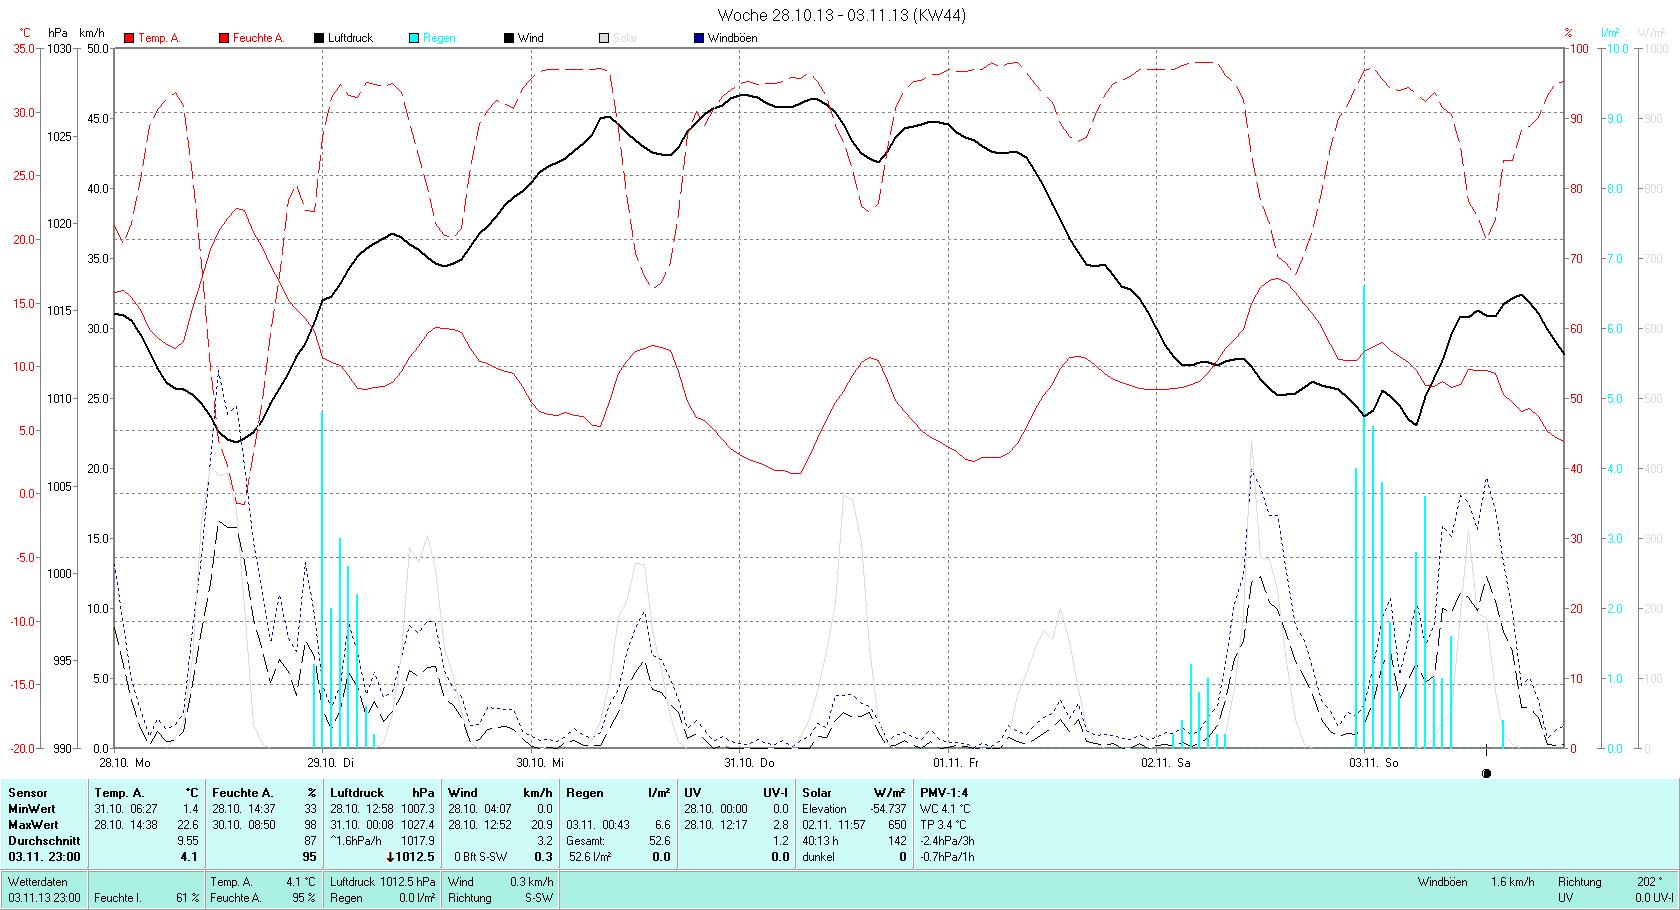 KW 44 Tmin  1.4°C, Tmax 22.6°C, Sonne 24:10h, Niederschlag 52.6mm/2